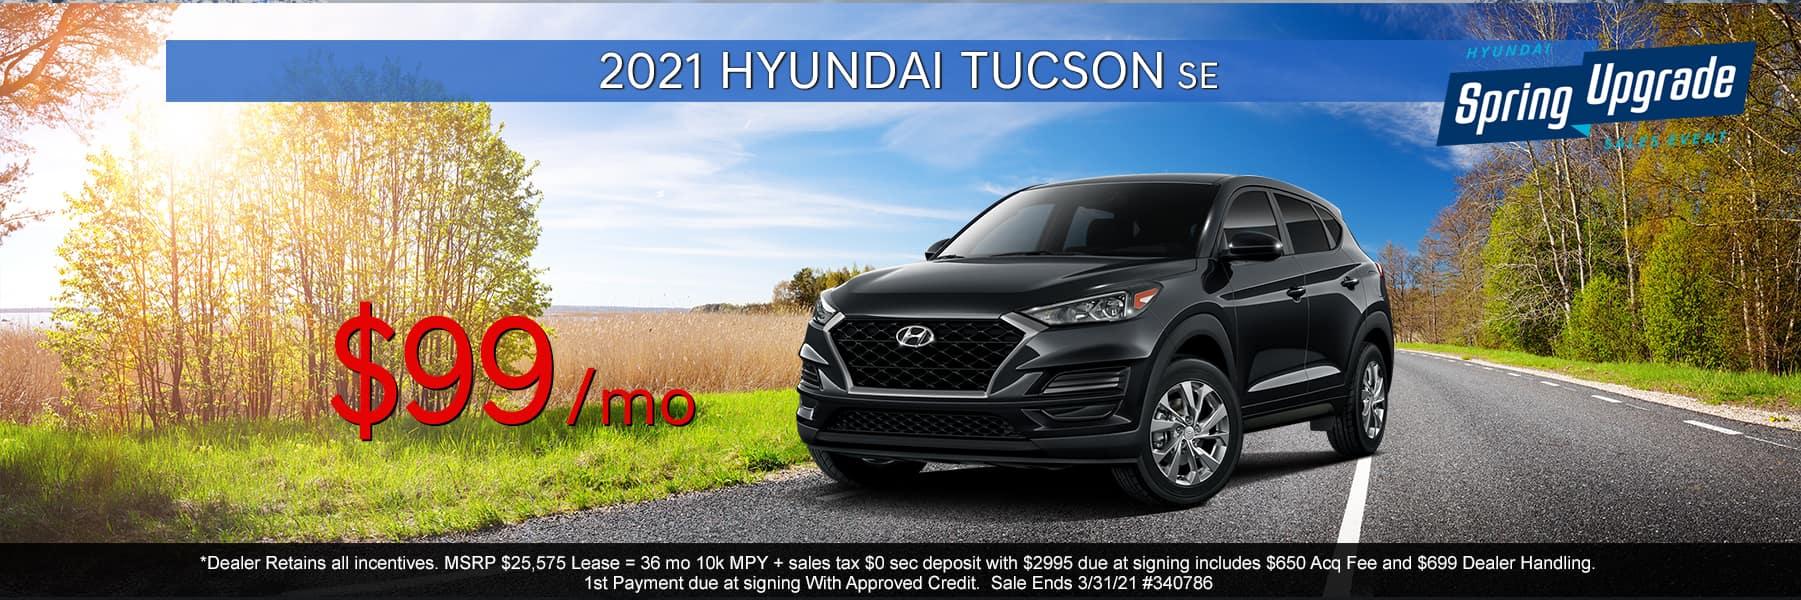 2021-Hyundai-Tucson-Mar21